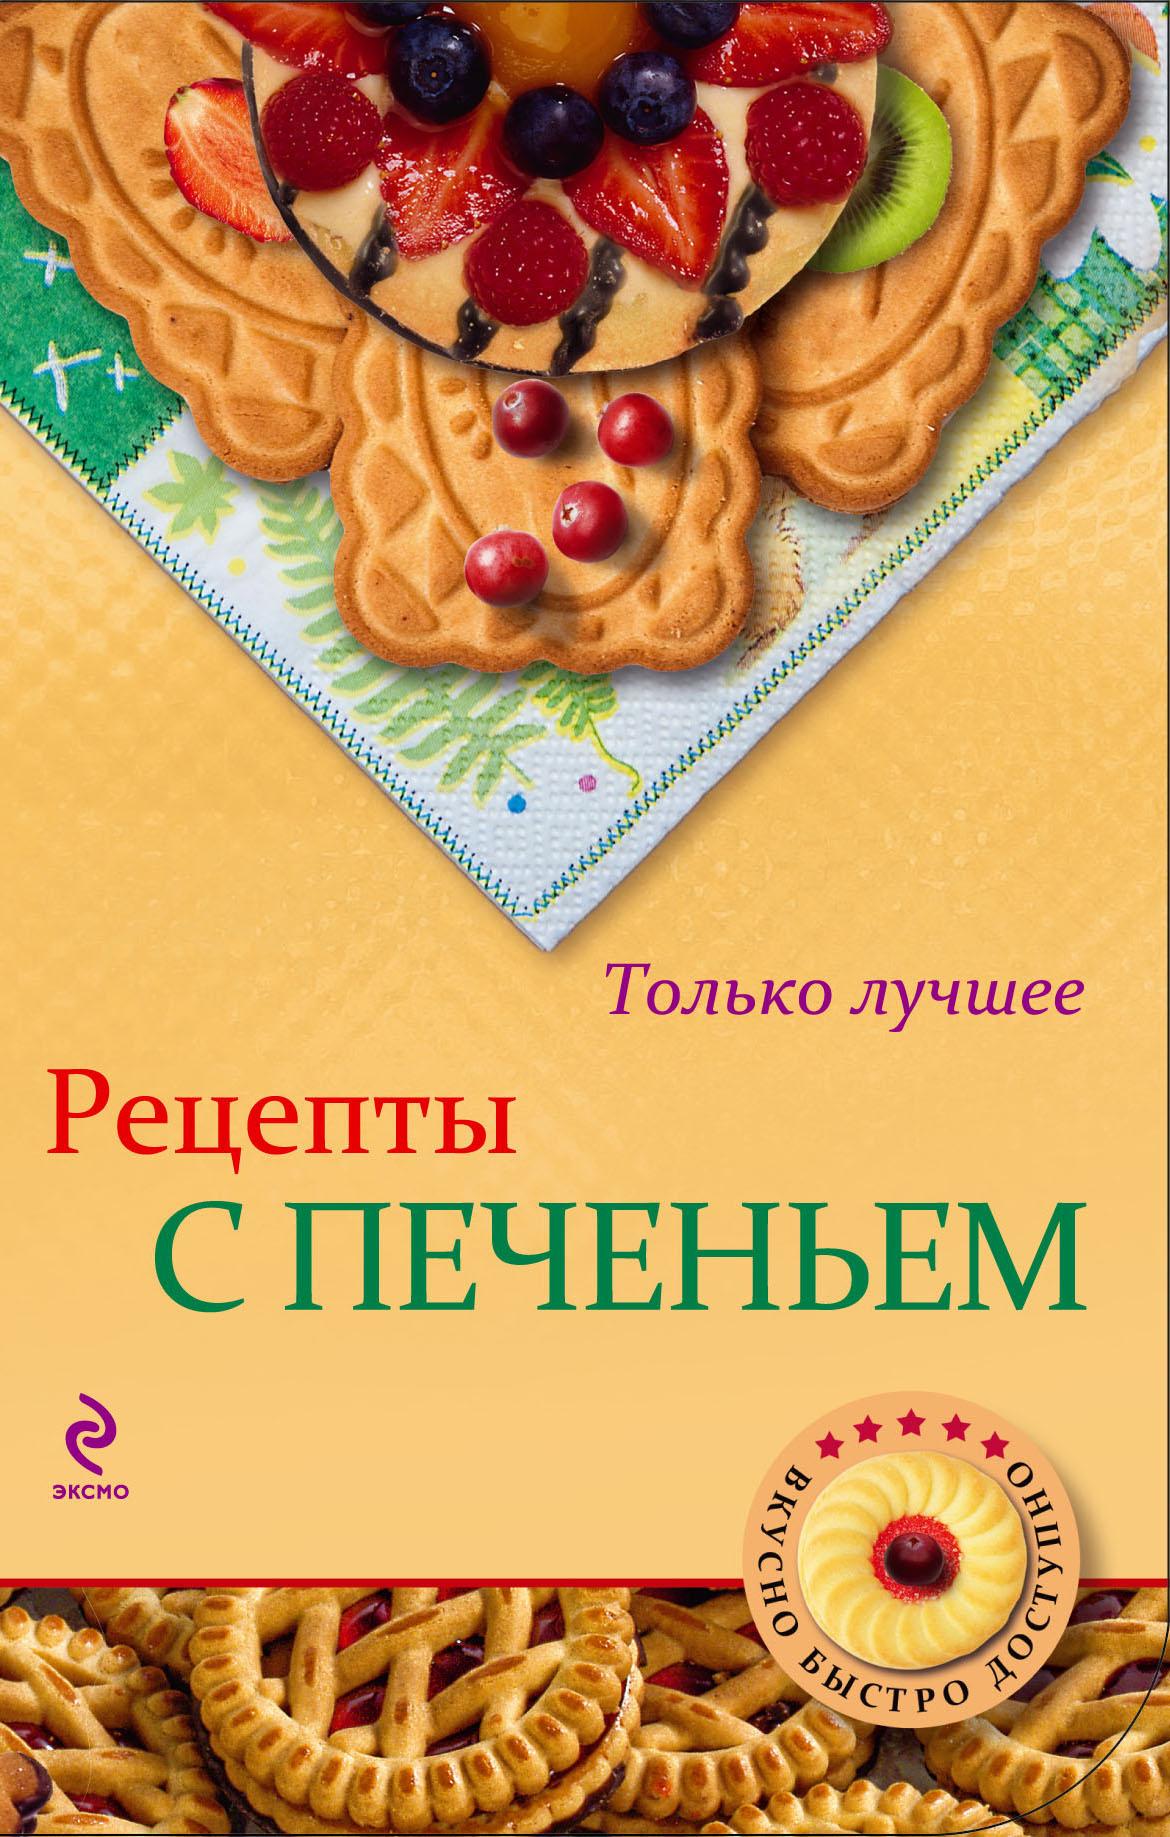 Савинова Н.А., Серебрякова Н.Э. Рецепты с печеньем